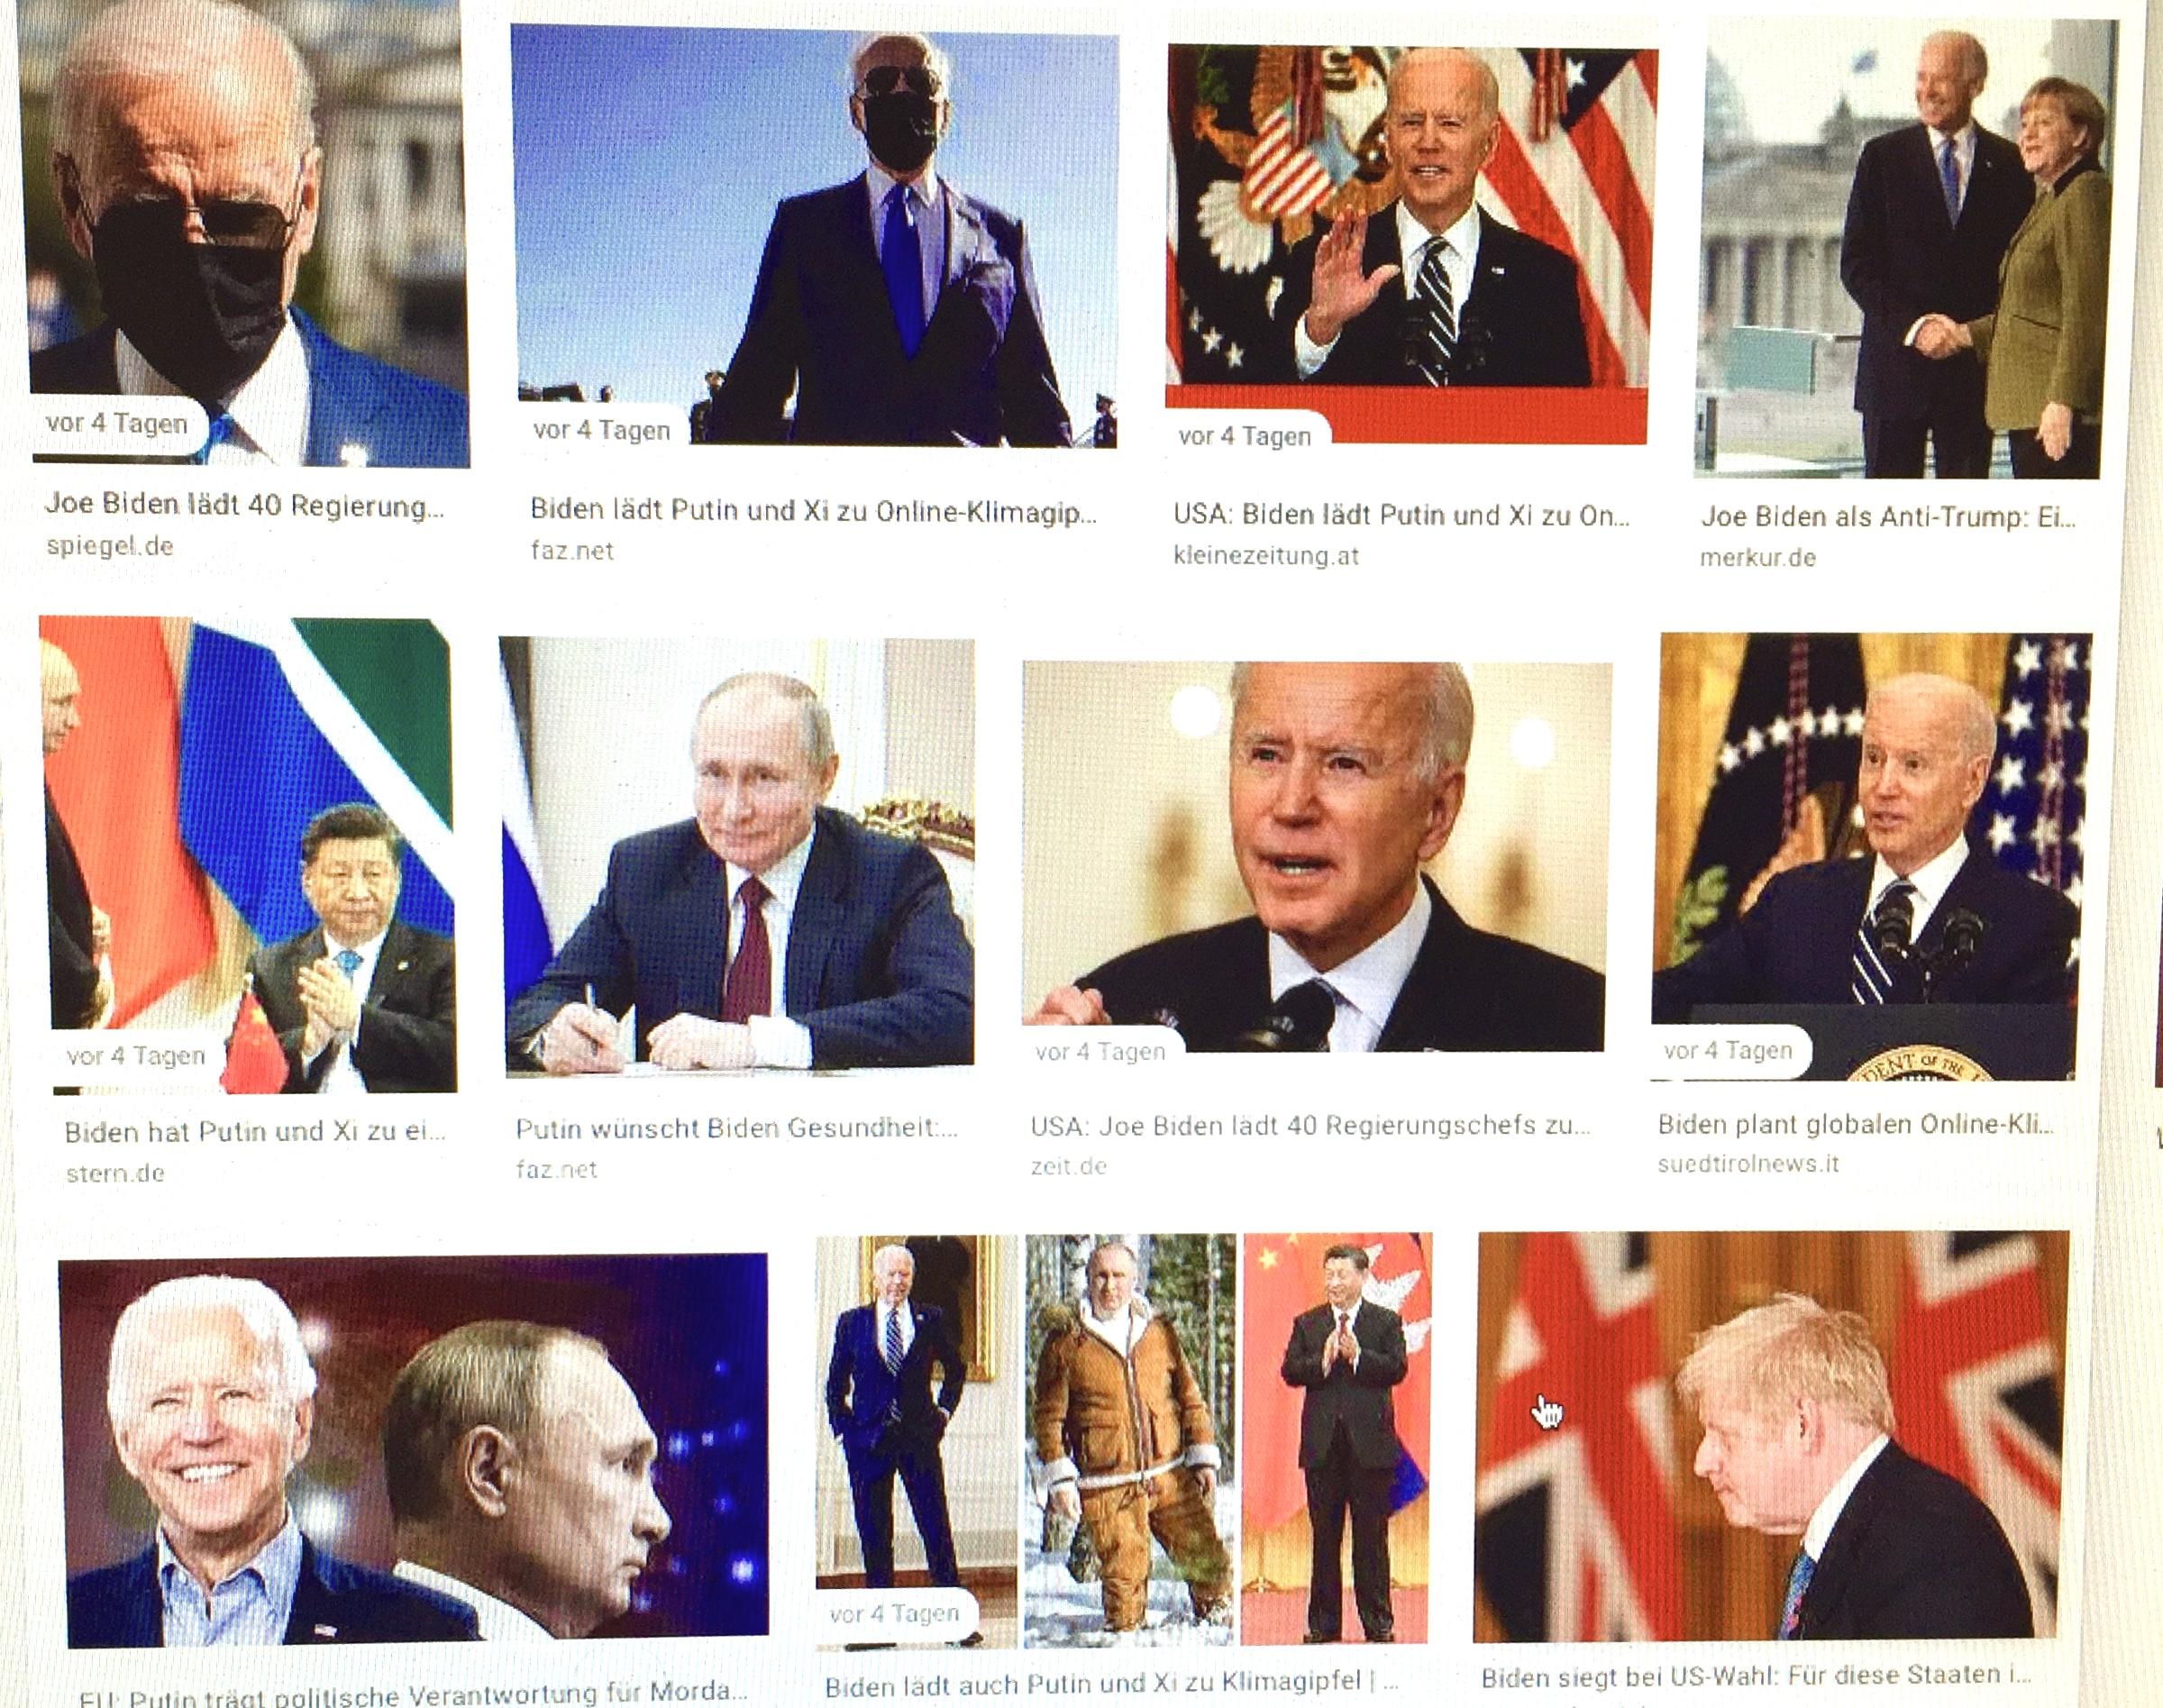 """Bei allem Russland-Bashing und Handelskrieg mit China ist Joe Biden klar, dass er weder beim Klimaschutz im Alleingang noch weltwirtschaftlich mit Konfrontationskurs Erfolge einfahren kann. Der Leitsatz des russischen Präsidenten Wladimir Putin """"Kooperation statt Konfrontation"""" ist beim US-Amtskollegen Joe Biden zumindest erst mal beim Klimaschutz angekommen. Er lud neben Staats- und Regierungschefs aus mehr als 40 Ländern auch Wladimir Putin und Xi Jinping zum Klimagipfel am 22. und 23. April 2021 ein. Der Klimawandel war für Biden Wahlprogramm - um liefern zu können, braucht er so viele Länder wie möglich im Boot - allen voran Big Player wie Russland und China.  Verena Daum (www.progression.at, www.garden-eden.org)"""